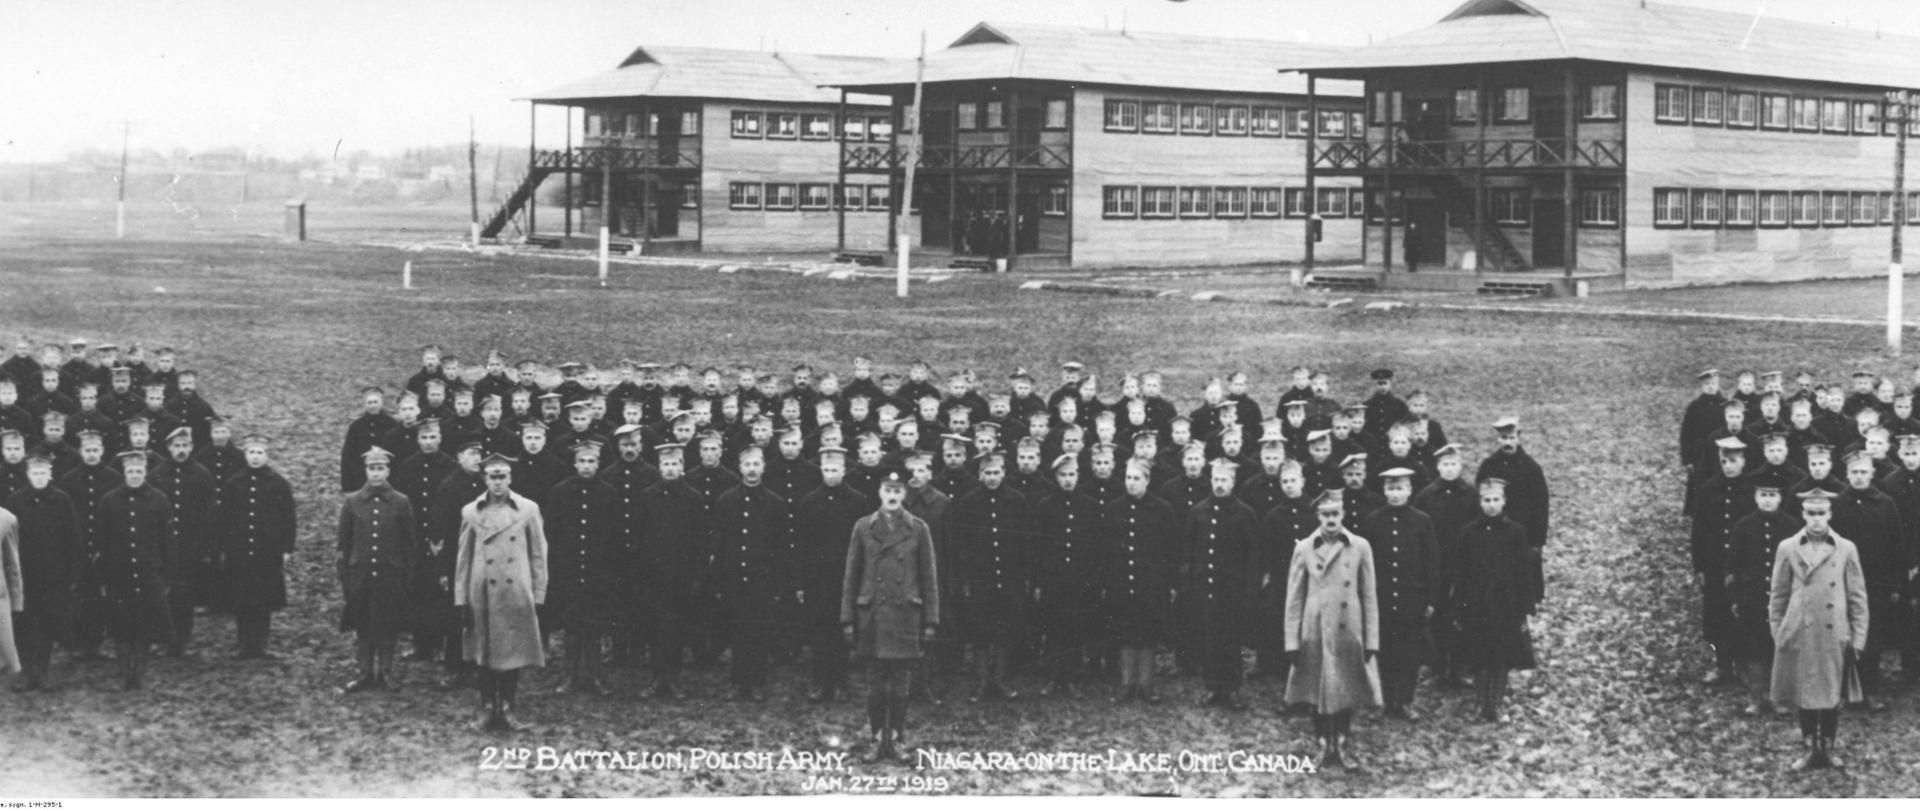 Camp Kosciuszko